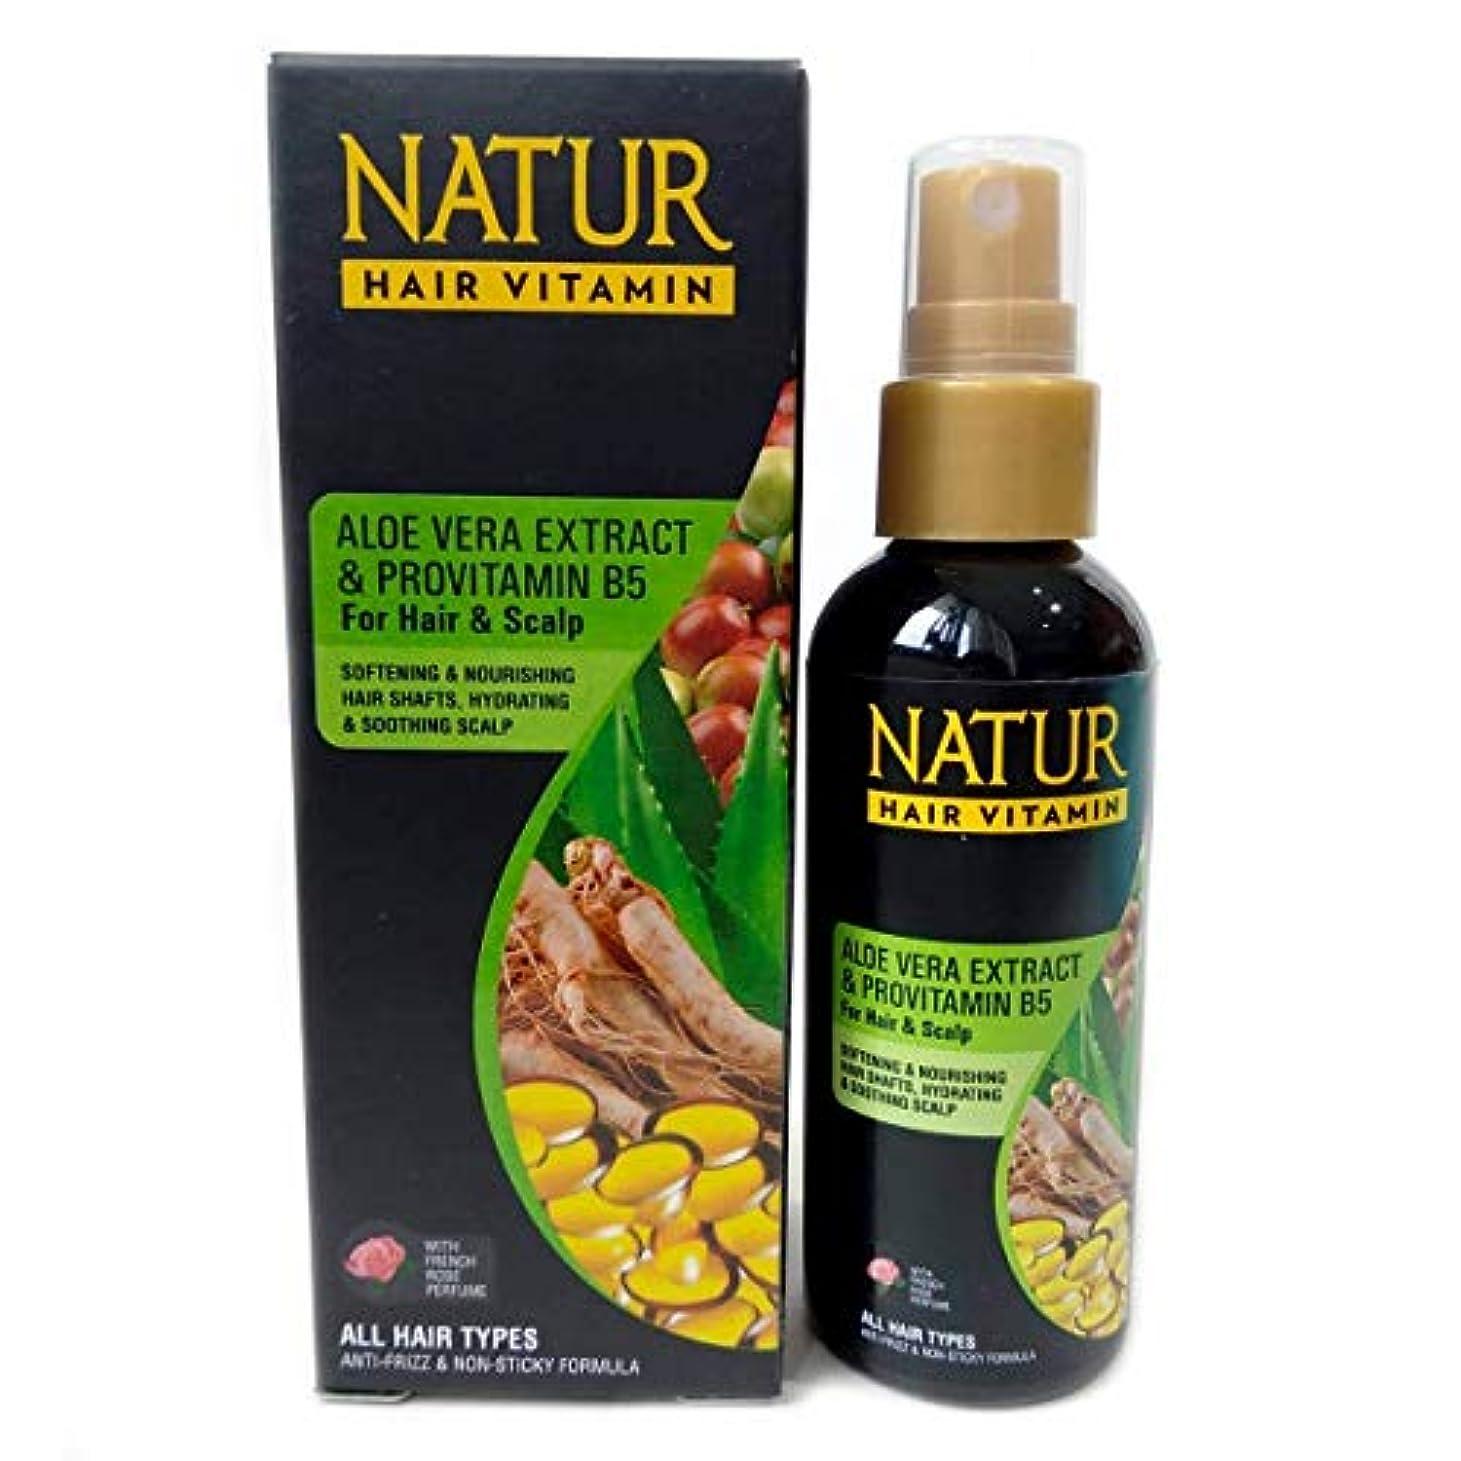 抜け目がないバーガー方程式NATUR ナトゥール 天然植物エキス配合 Hair Vitamin ハーバルヘアビタミン 80ml Aloe vera&Provitamin B5 アロエベラ&プロビタミンB5 [海外直商品]